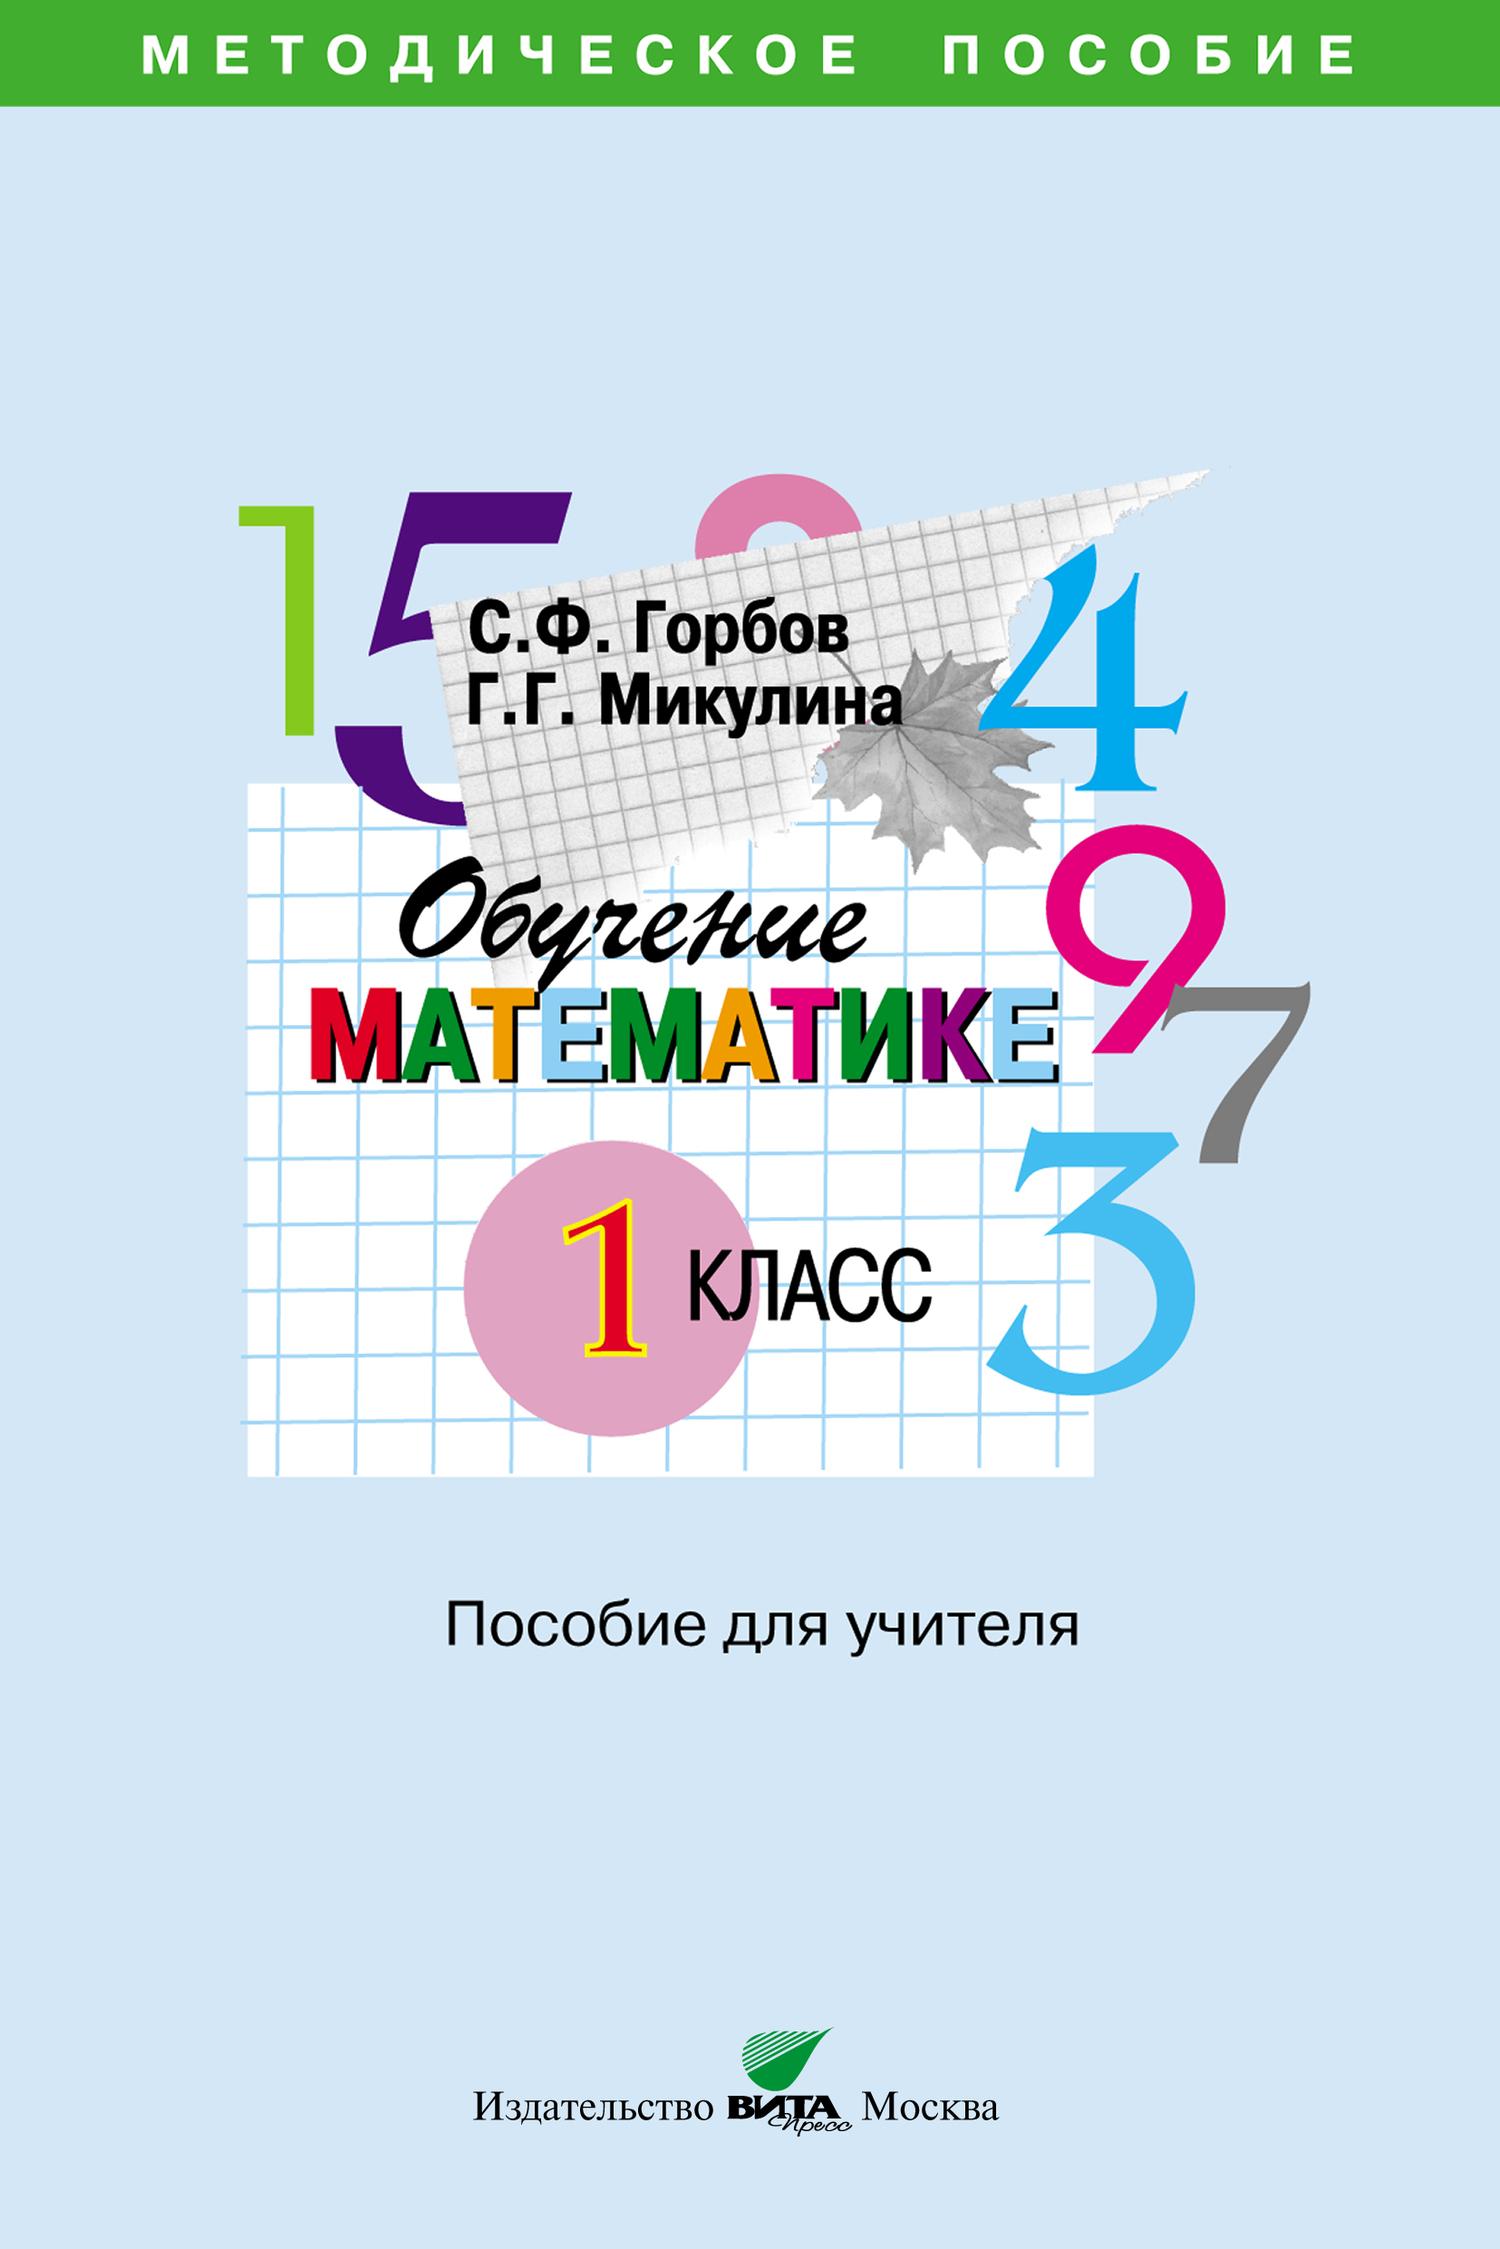 С. Ф. Горбов. Обучение математике. 1 класс. Пособие для учителя начальной школы